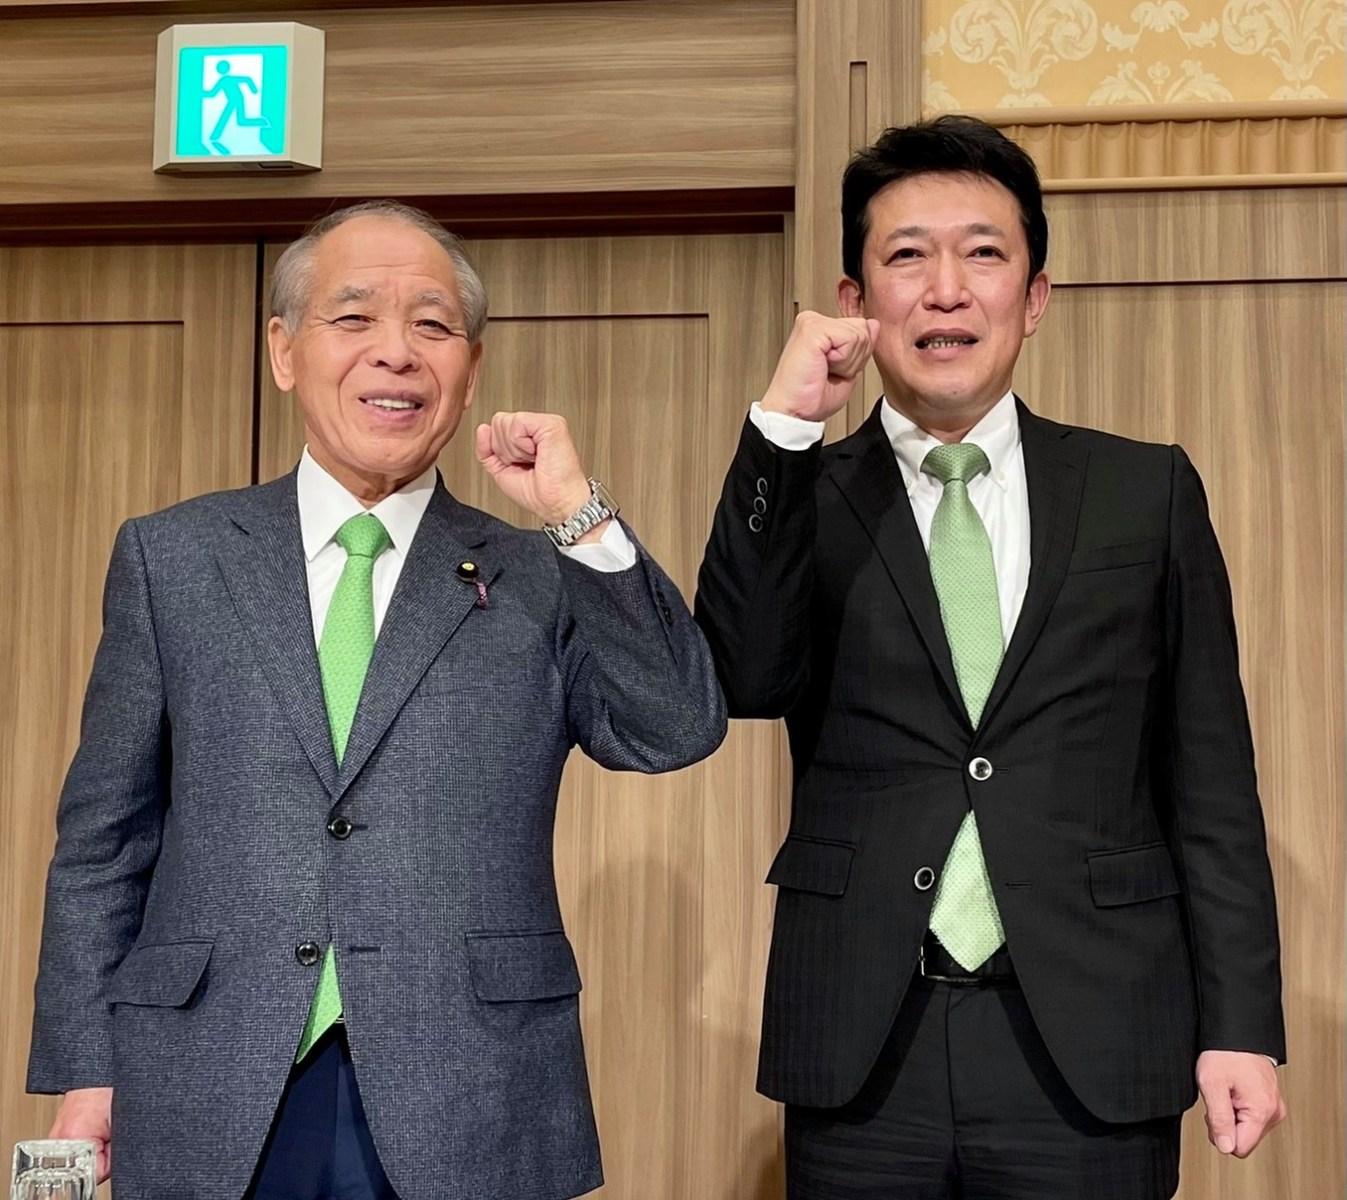 日本維新の会公認 衆議院北海道第2選挙区支部長に私の秘書を務め、帯広市議2期、道議会議員2期務めた 山崎泉 さんが就任しました。